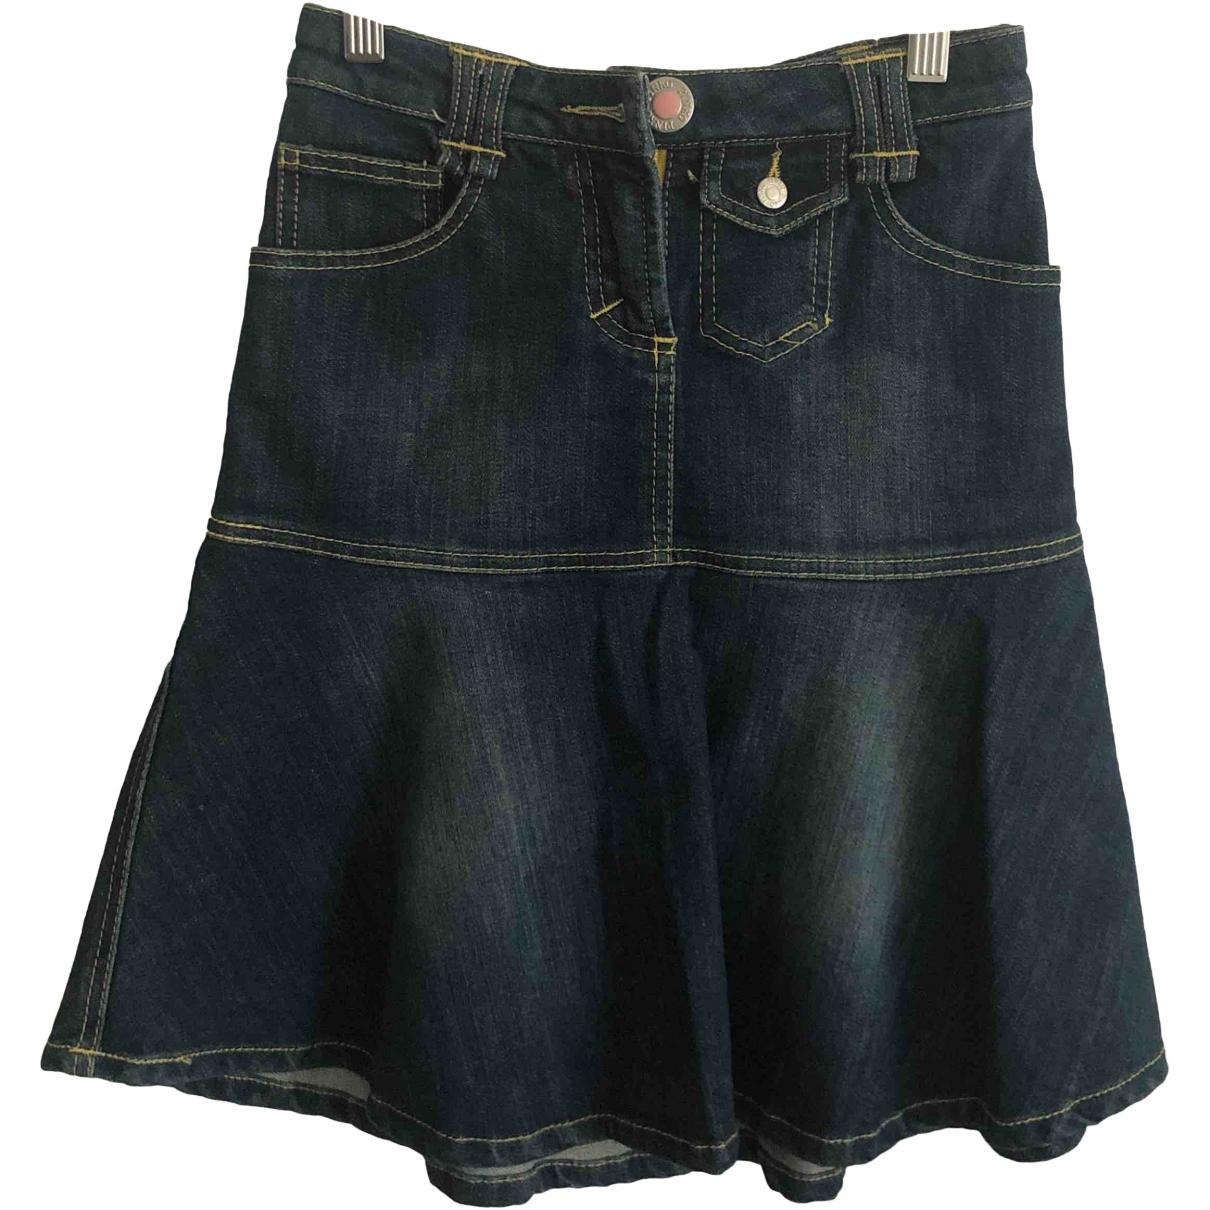 Pinko \N Blue Denim - Jeans skirt for Women 38 IT